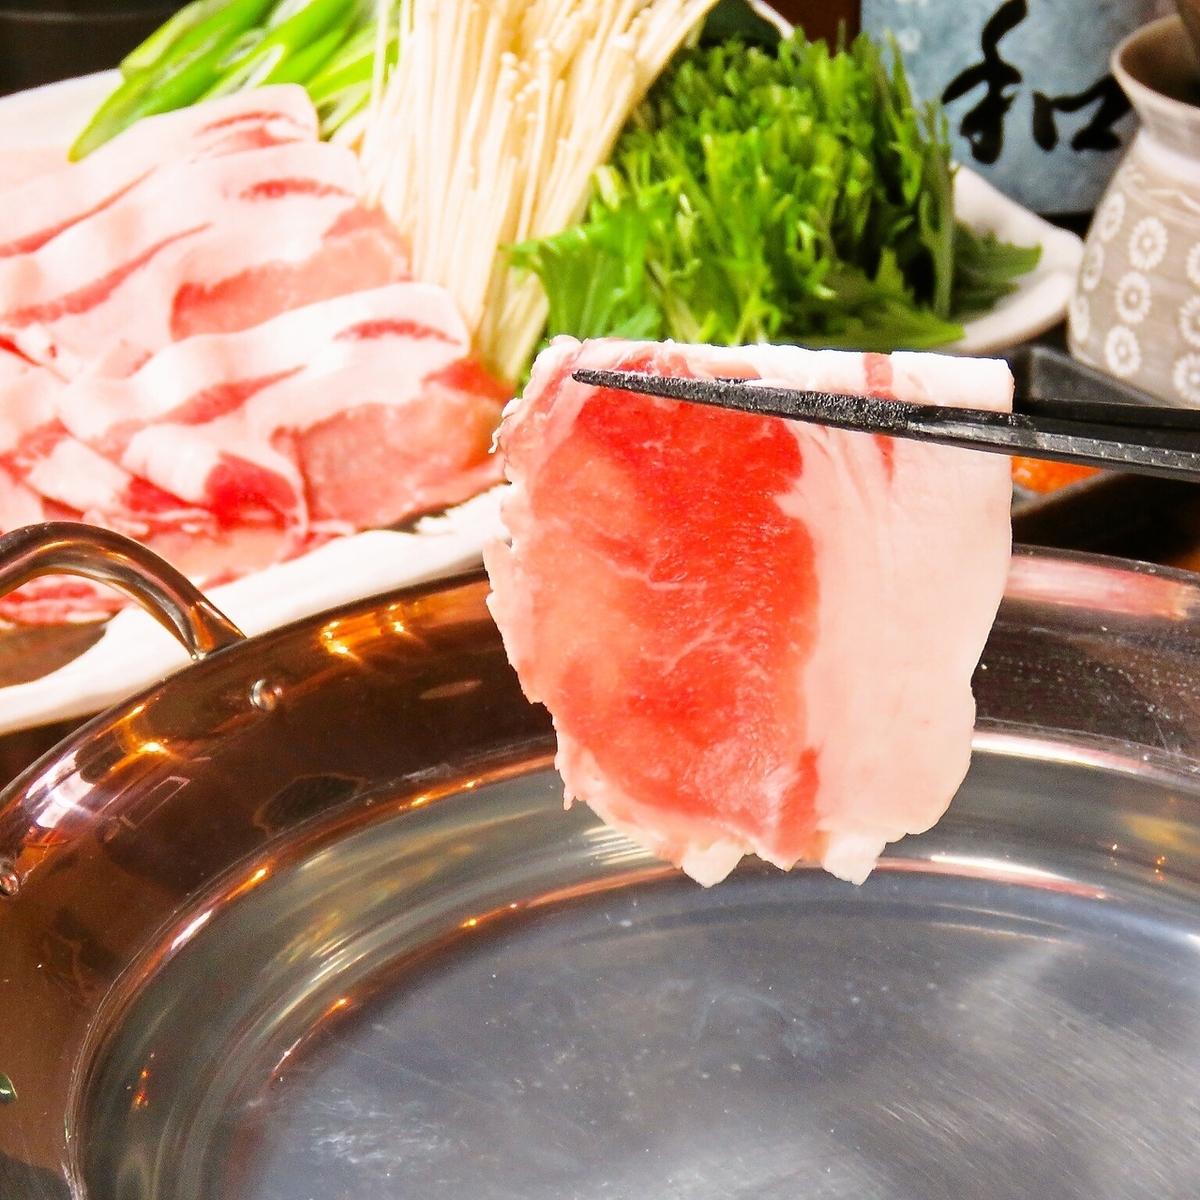 Pork loin, vegetable set (1 serving)